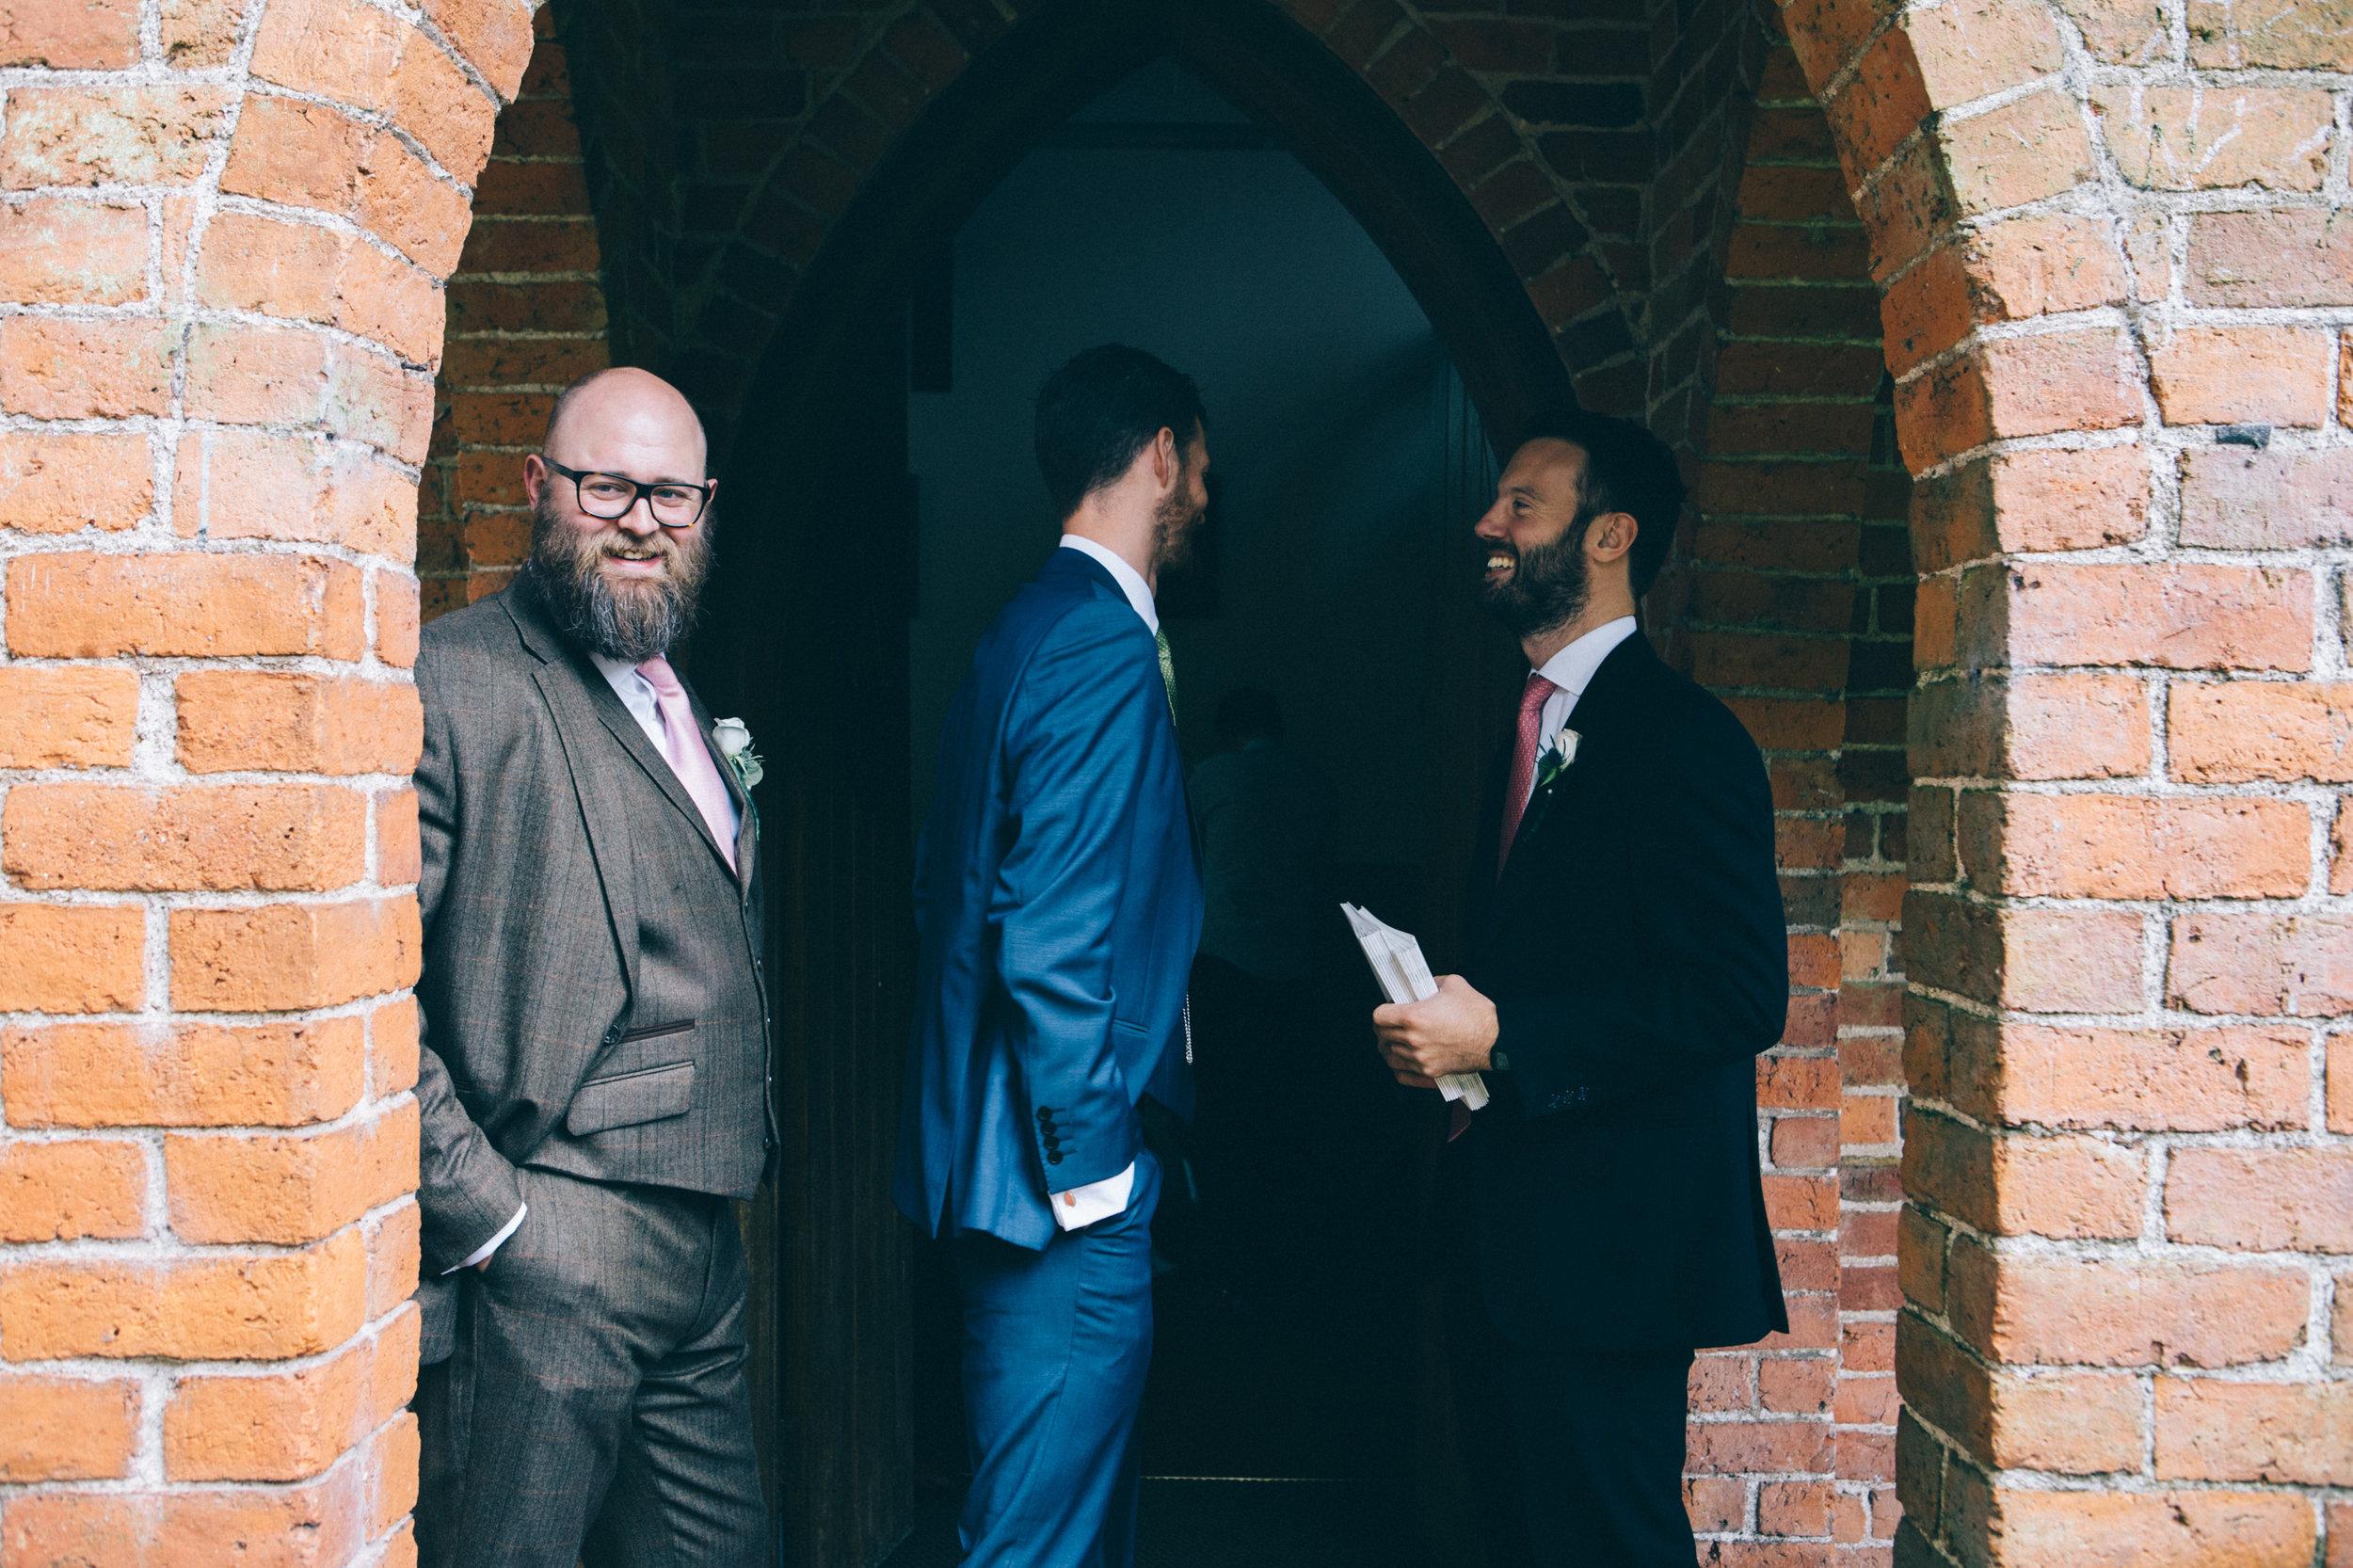 uk wedding photographer artistic wedding photography-38.jpg